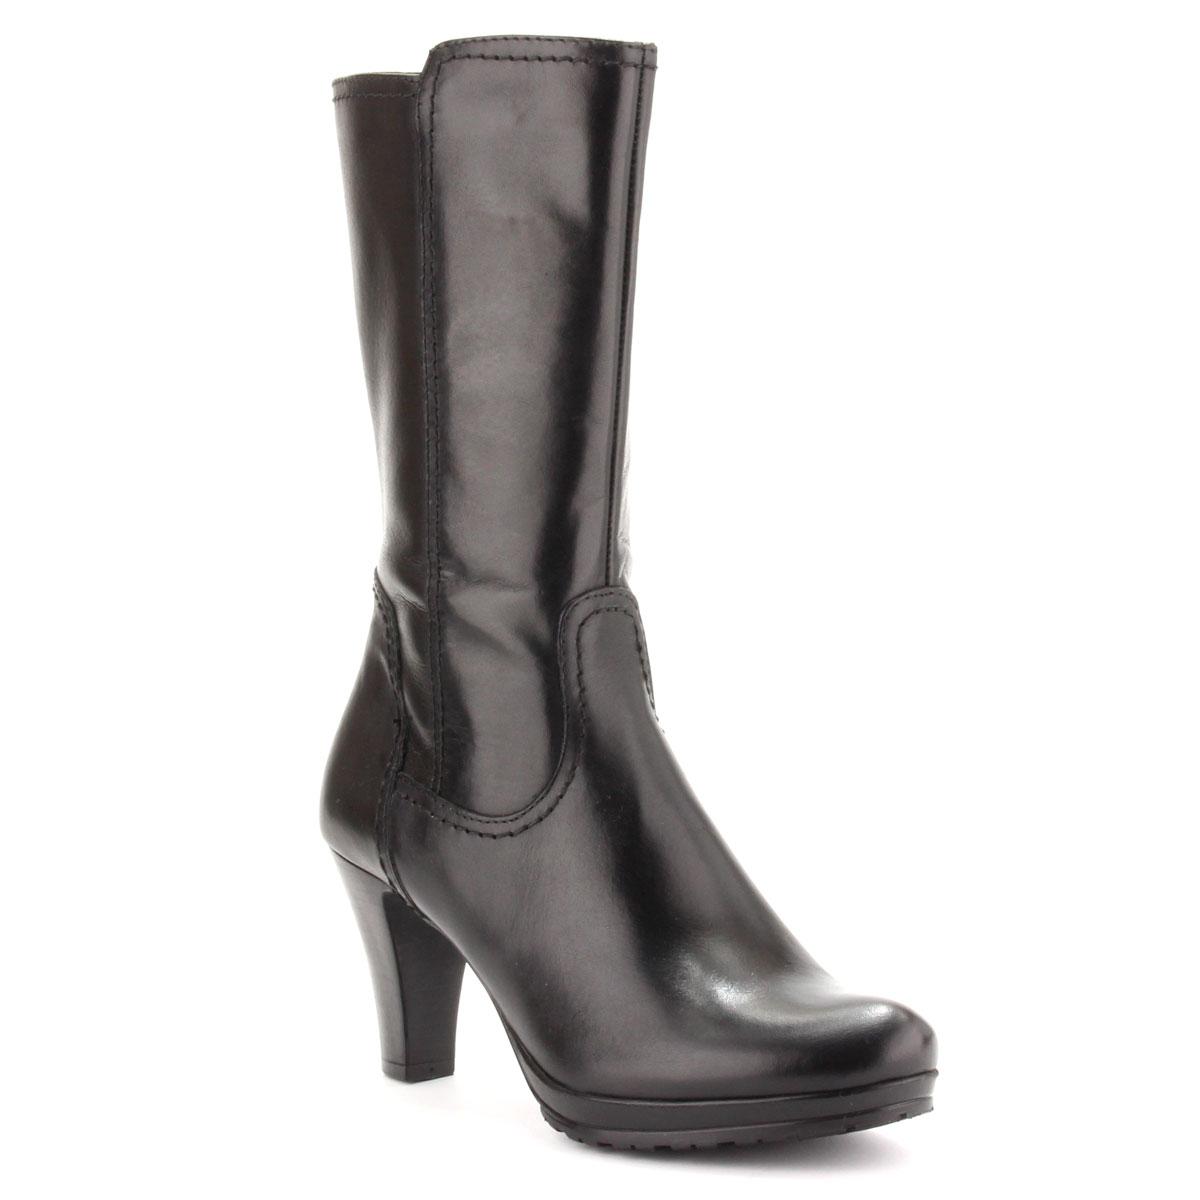 Tamaris rövid szárú platformos csizma - ChiX Női Cipő Webáruház bc998f47f9